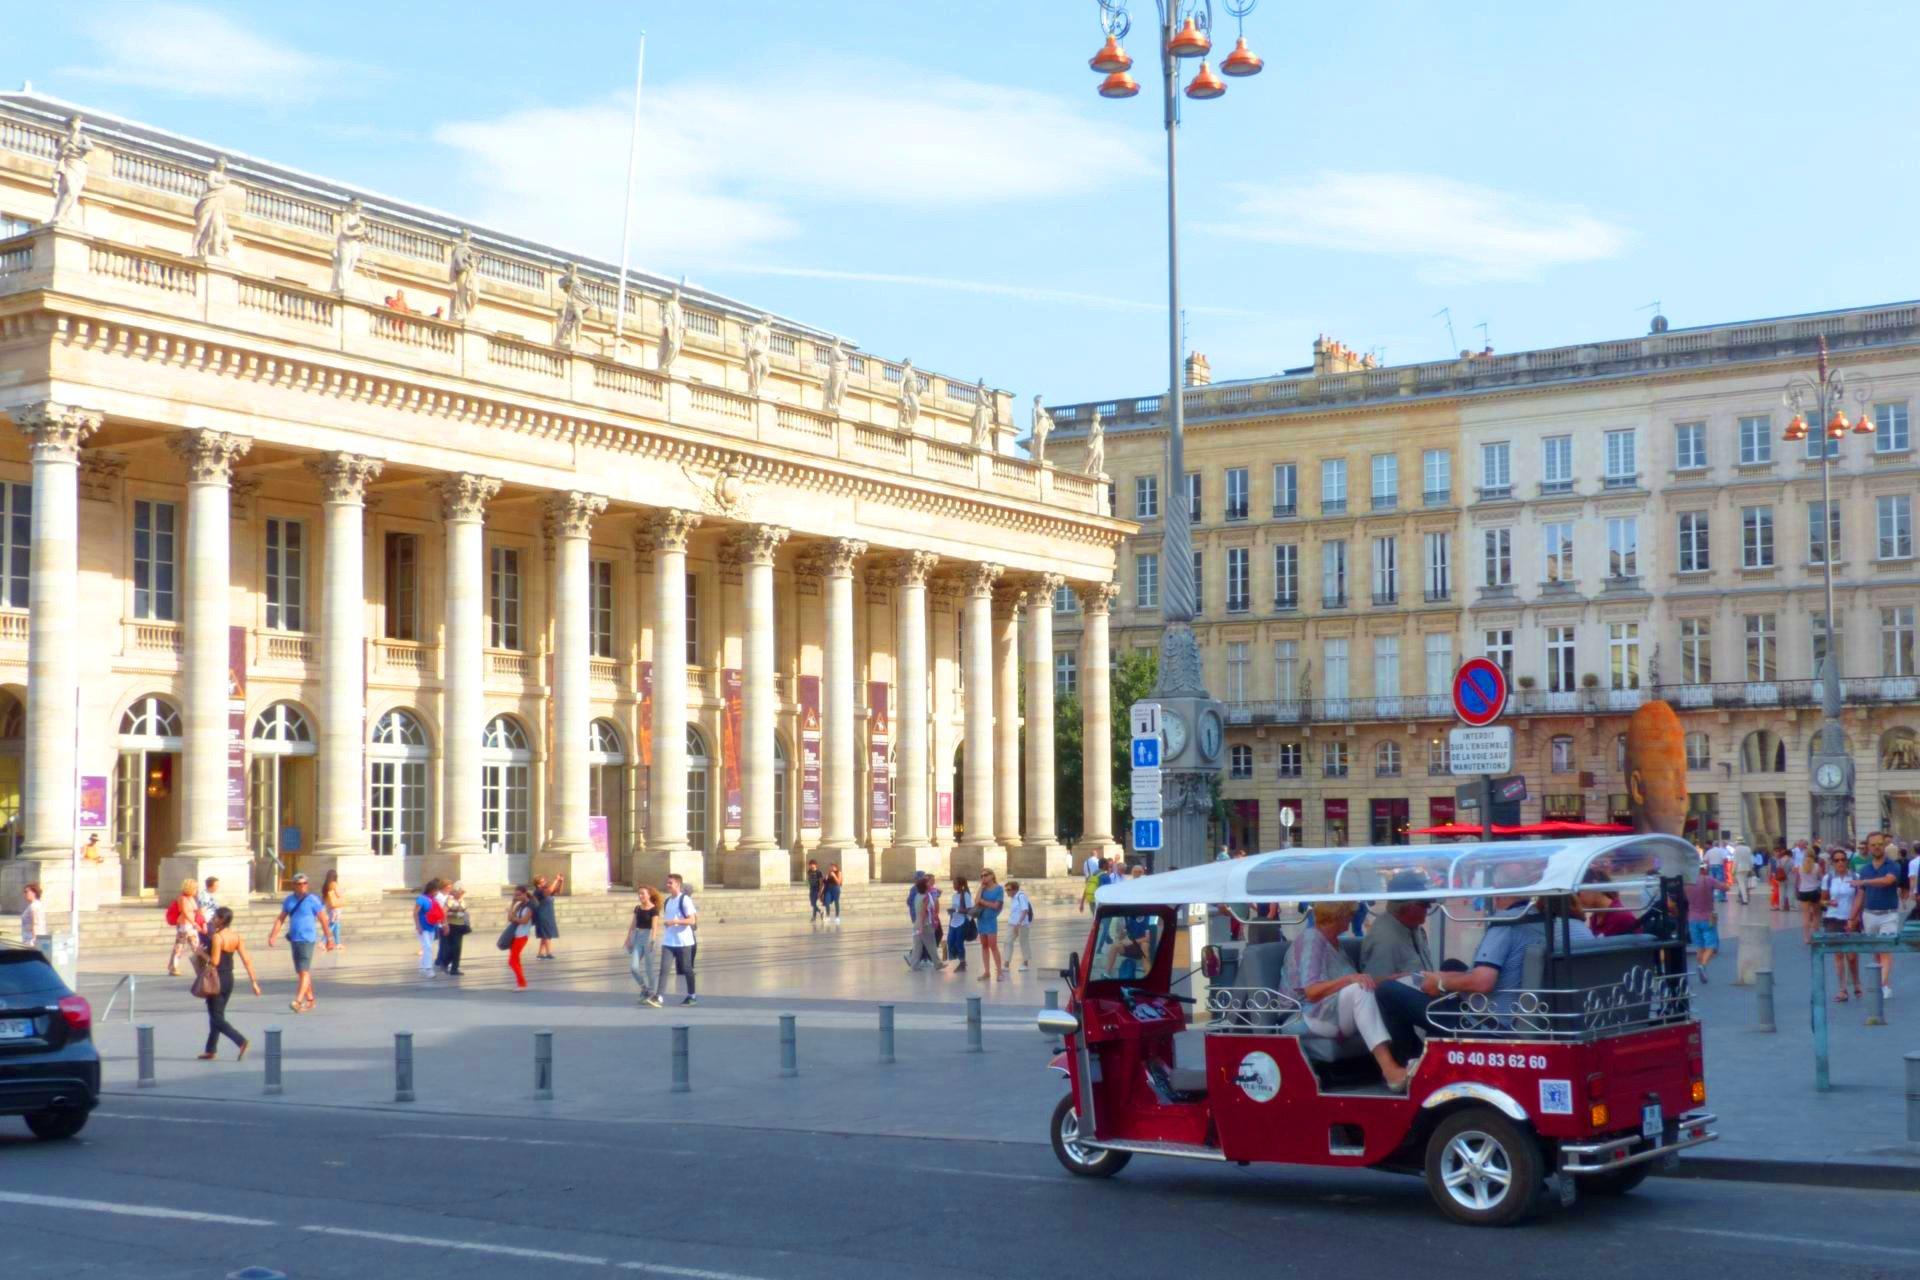 Un tuk tuk électrique devant l'opéra de Bordeaux